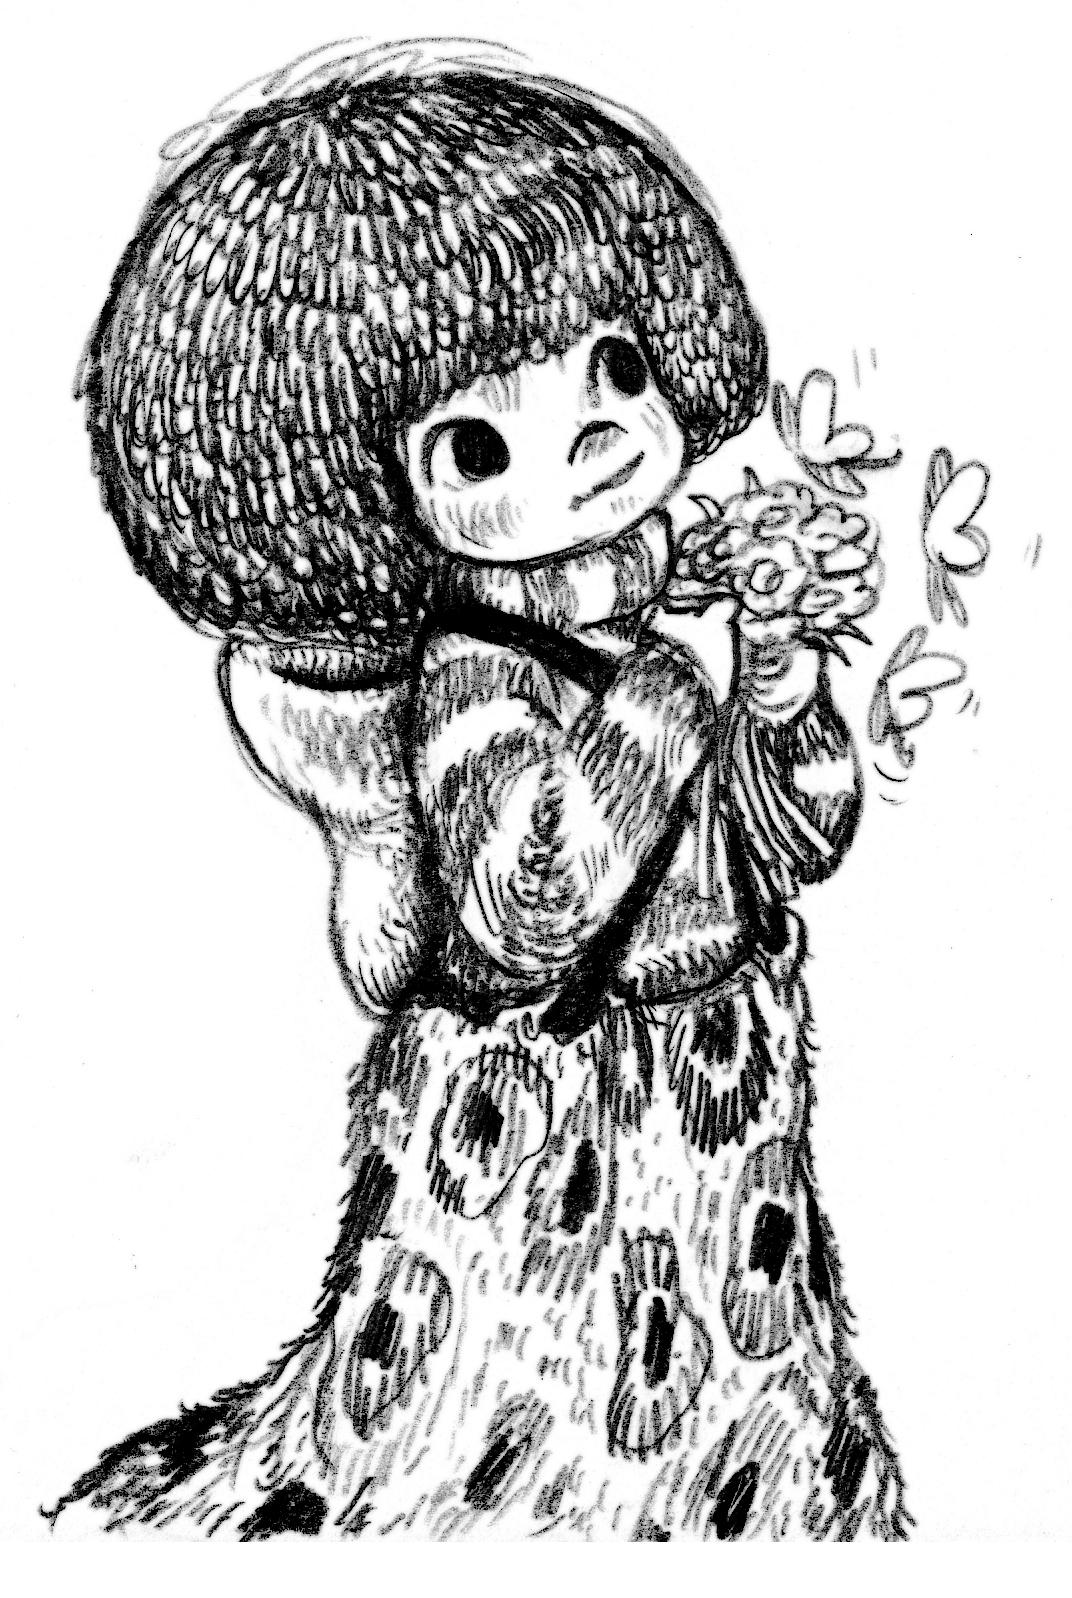 ปก) ภาพสาวน้อยกับชุดหนอน